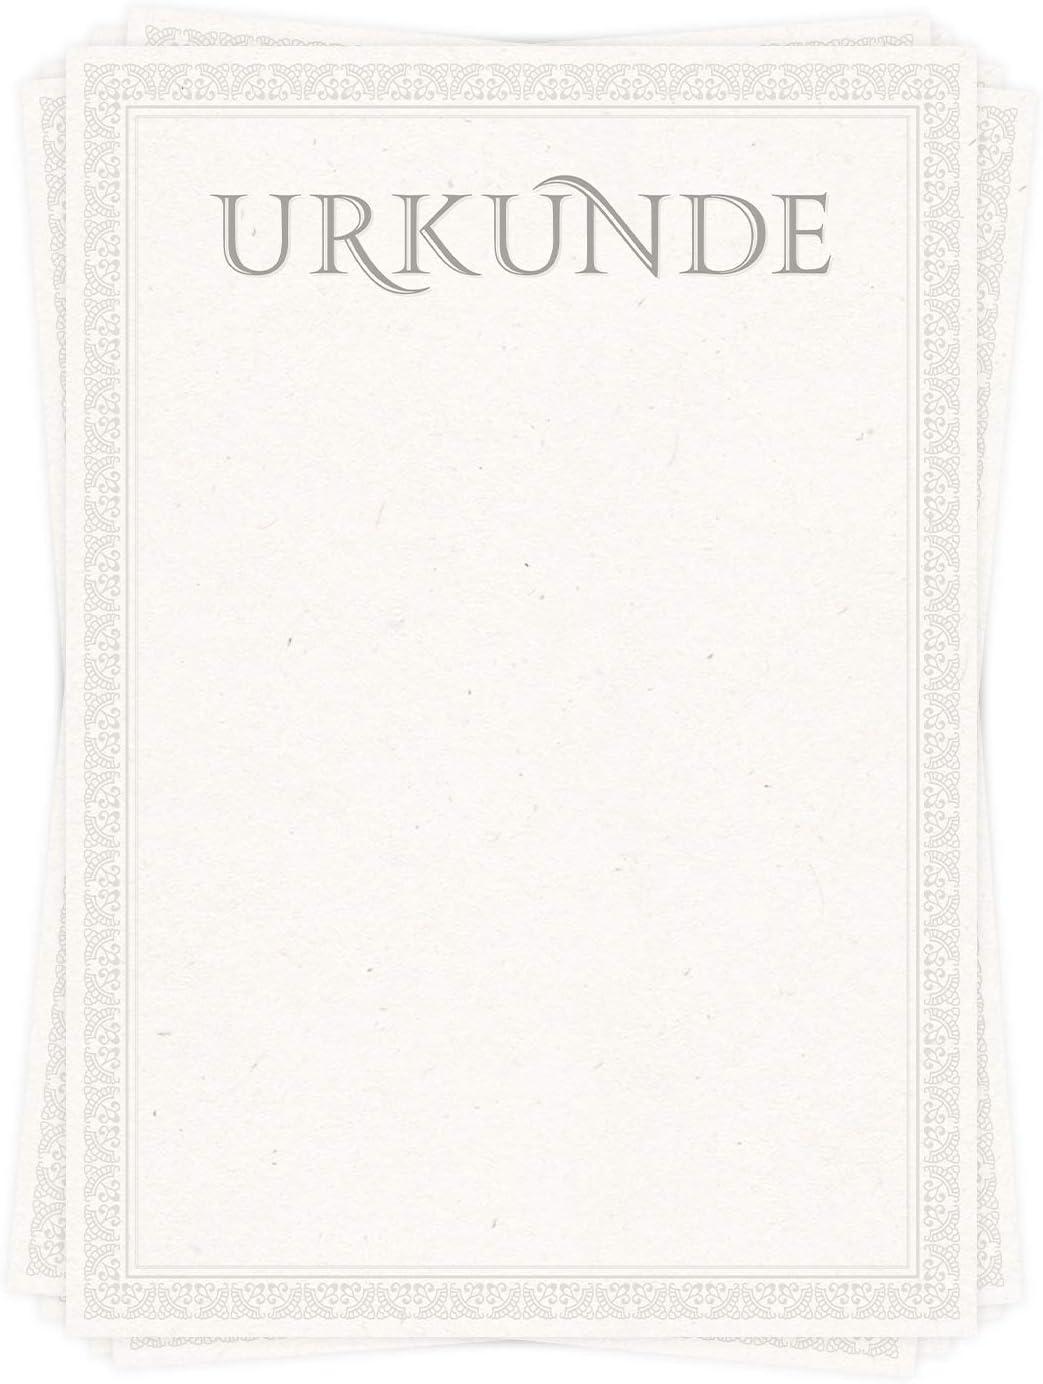 Altes Papier Set zu 10 St/ück Antik Look von ARTFAVES Urkunde//Zertifikat Stil Urkundenpapier DIN A4